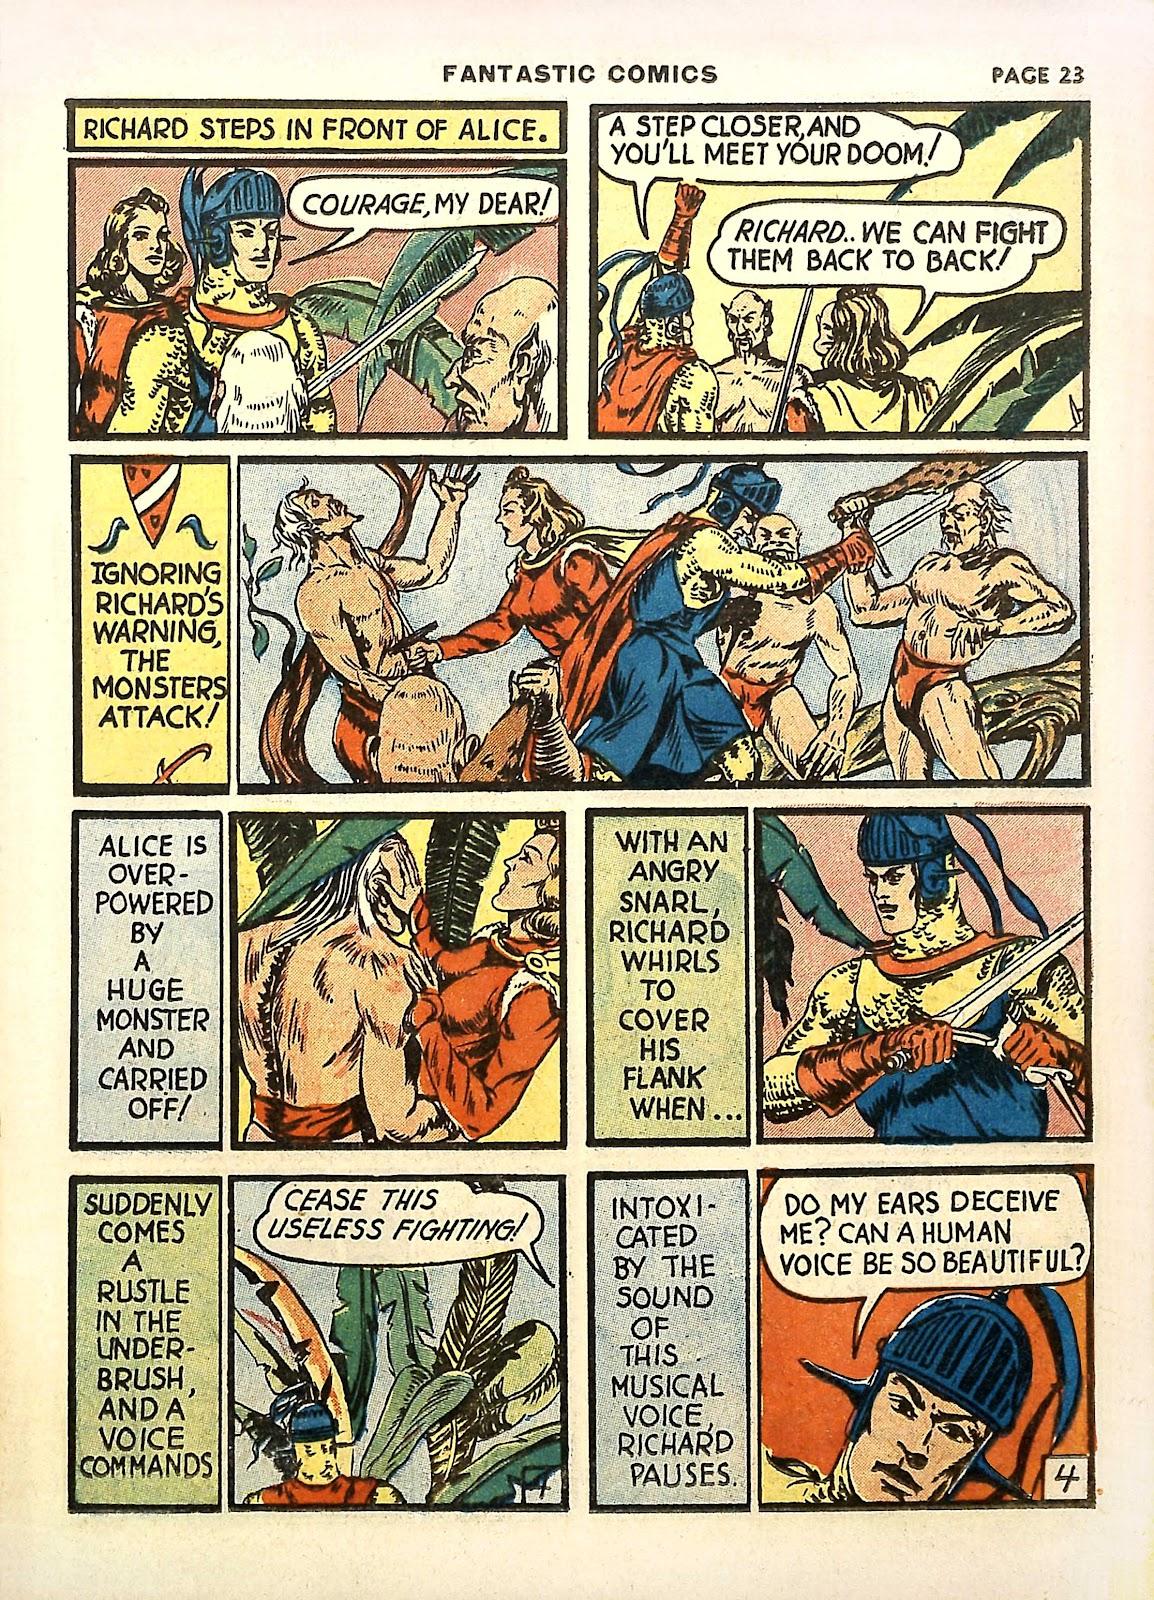 Read online Fantastic Comics comic -  Issue #11 - 26